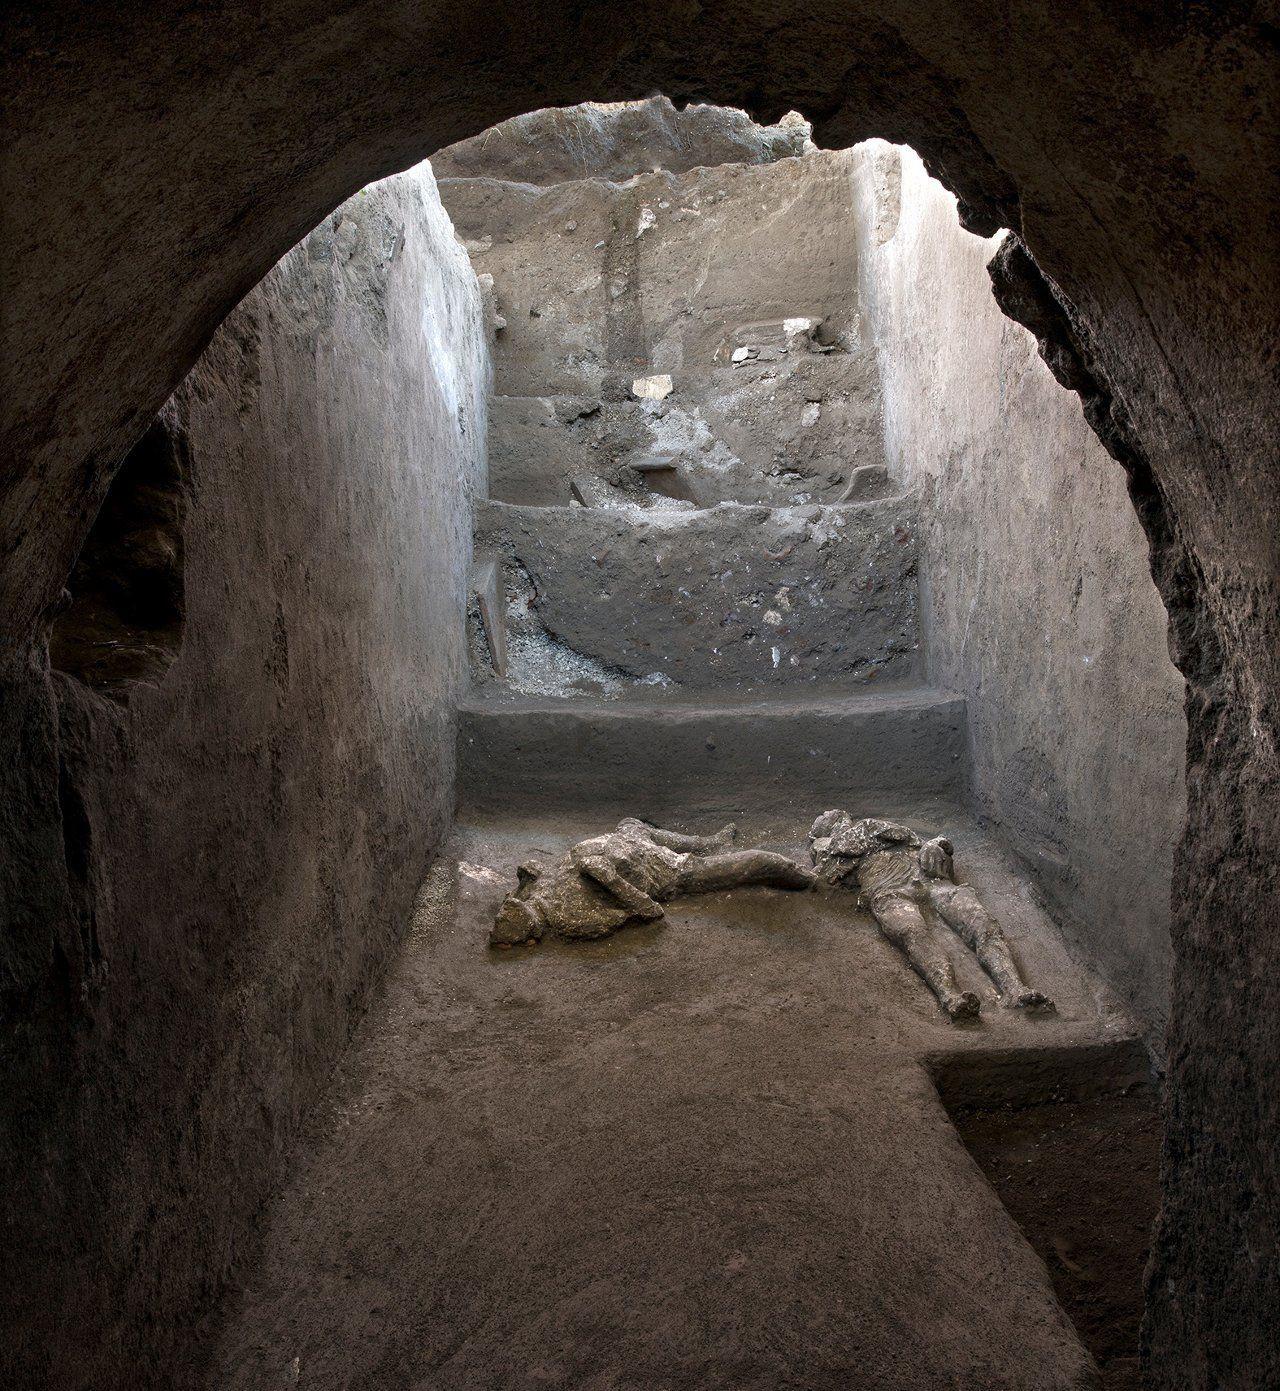 Pompeii'de yüzlerce yıl sonra büyük keşif: Külle kaplı iki cansız beden bulundu - Sayfa 2